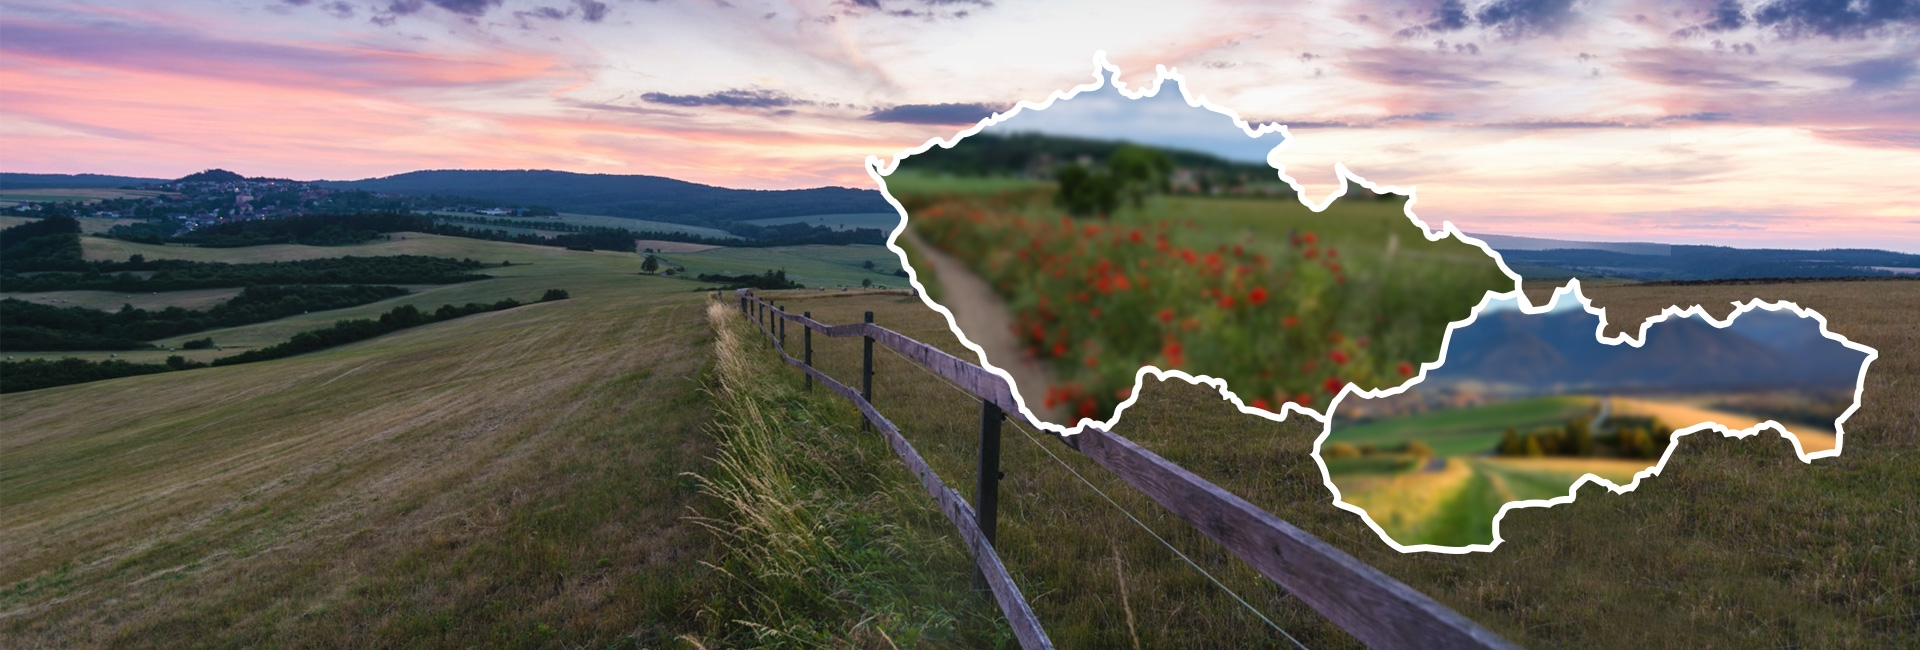 Toulky Českem a Slovenskem